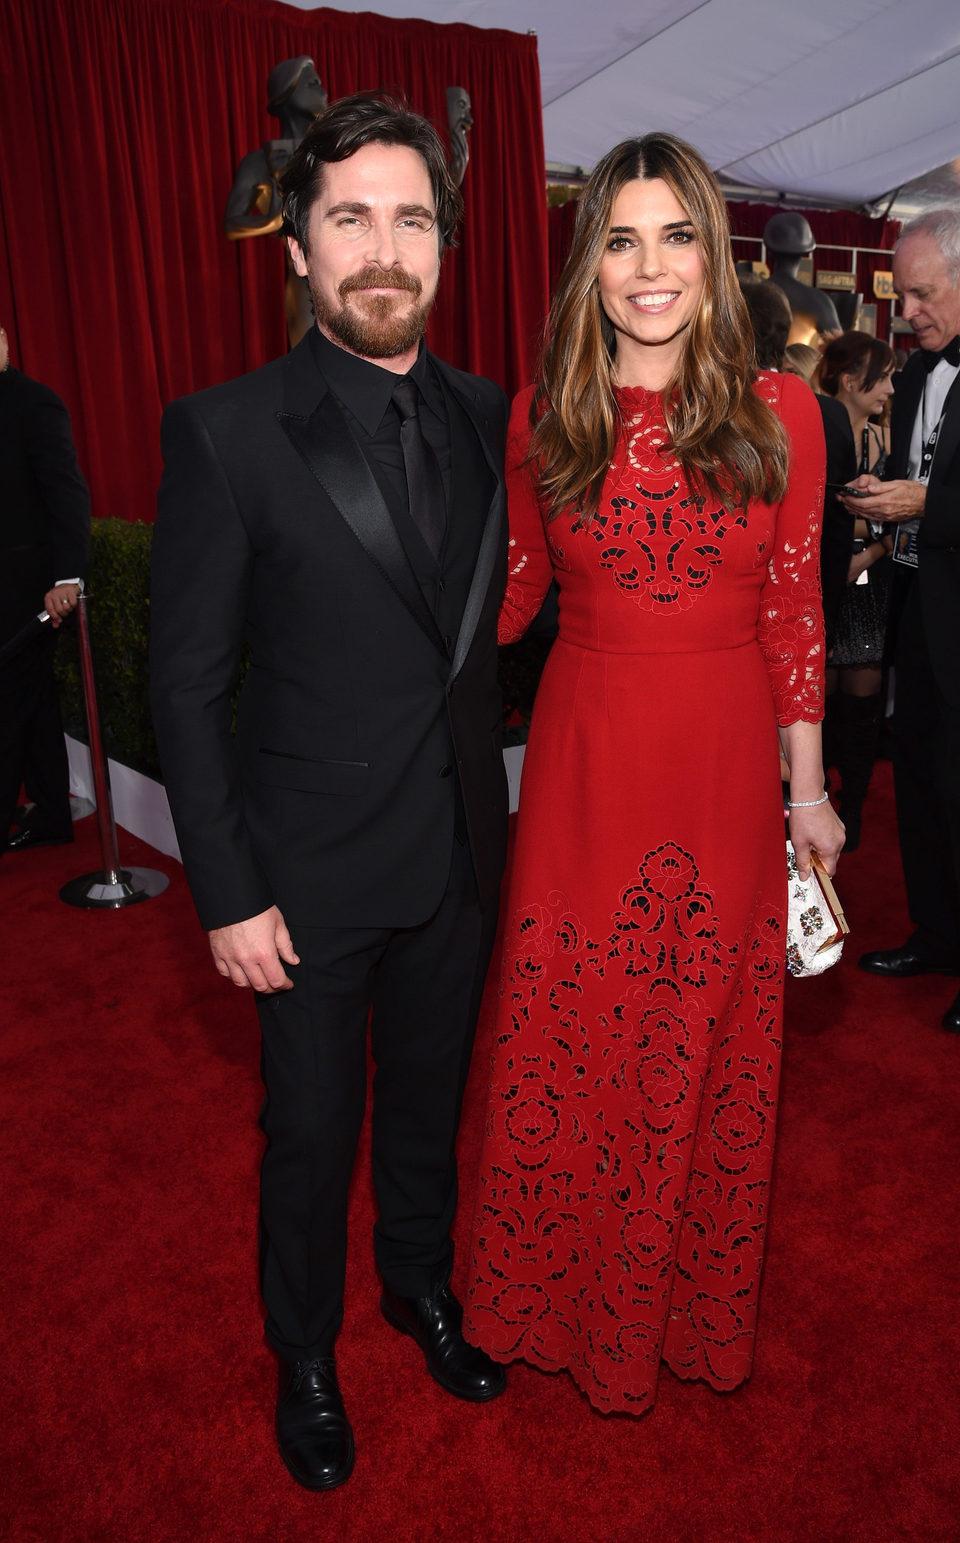 Christian Bale y Sibi Blazic en la alfombra roja de los premios del Sindicato de Actores 2016.